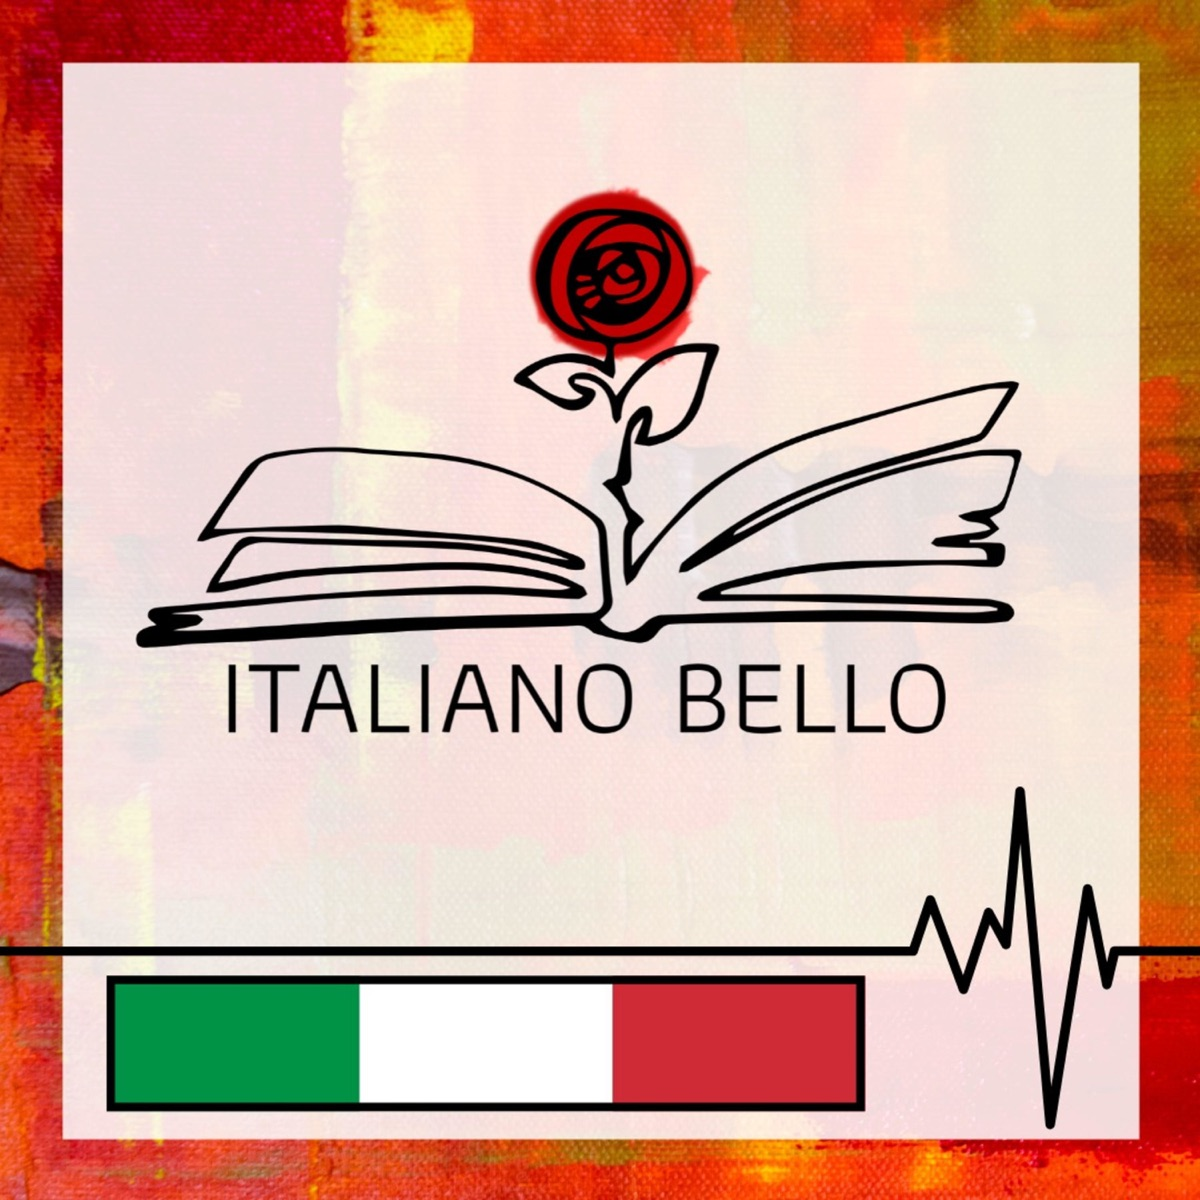 Italiano Bello